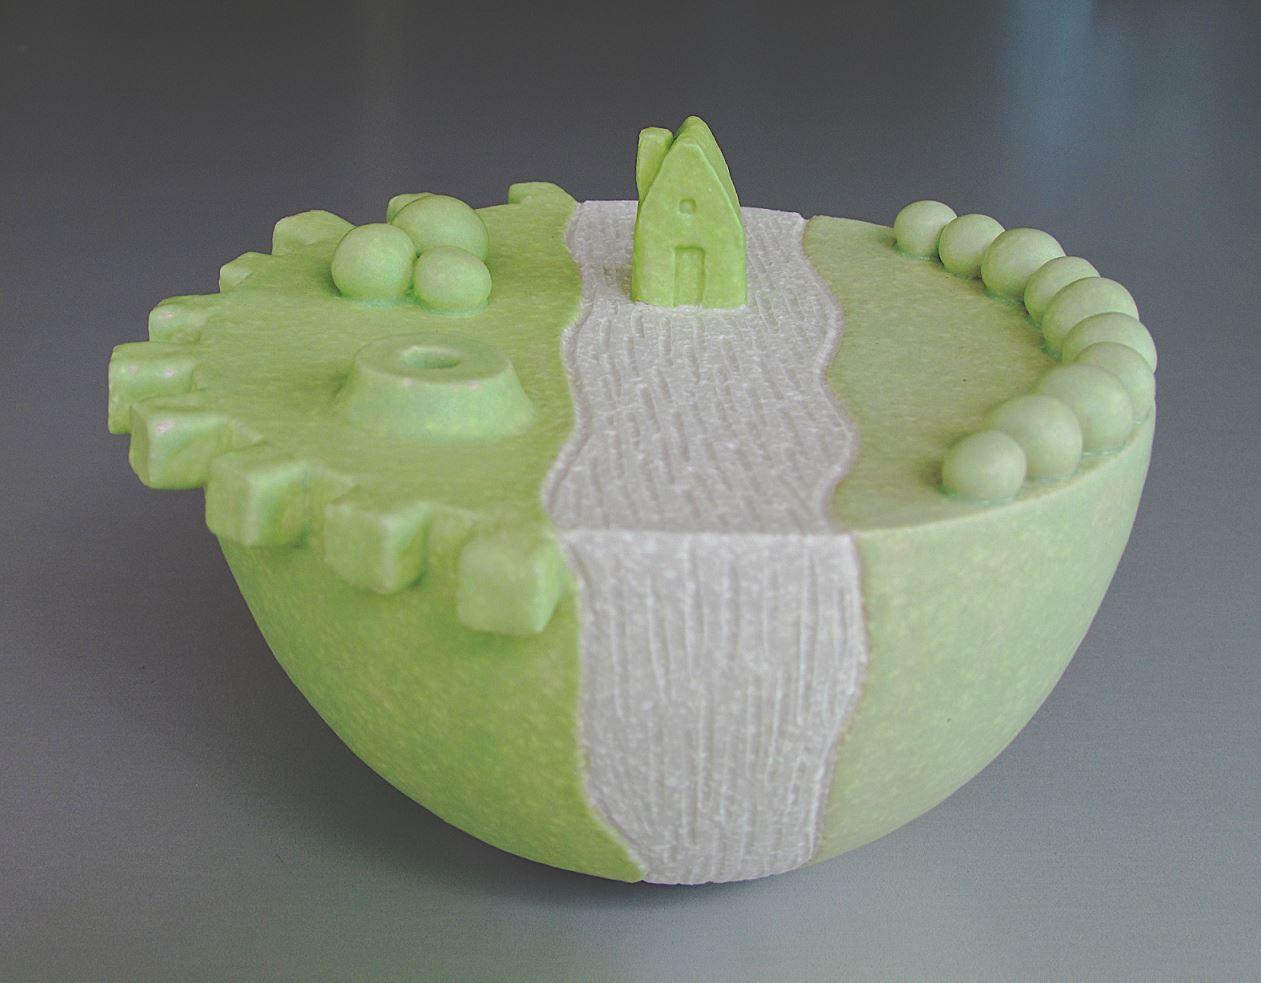 Kimblad Keramik, Gunilla Kimblad Henriksson